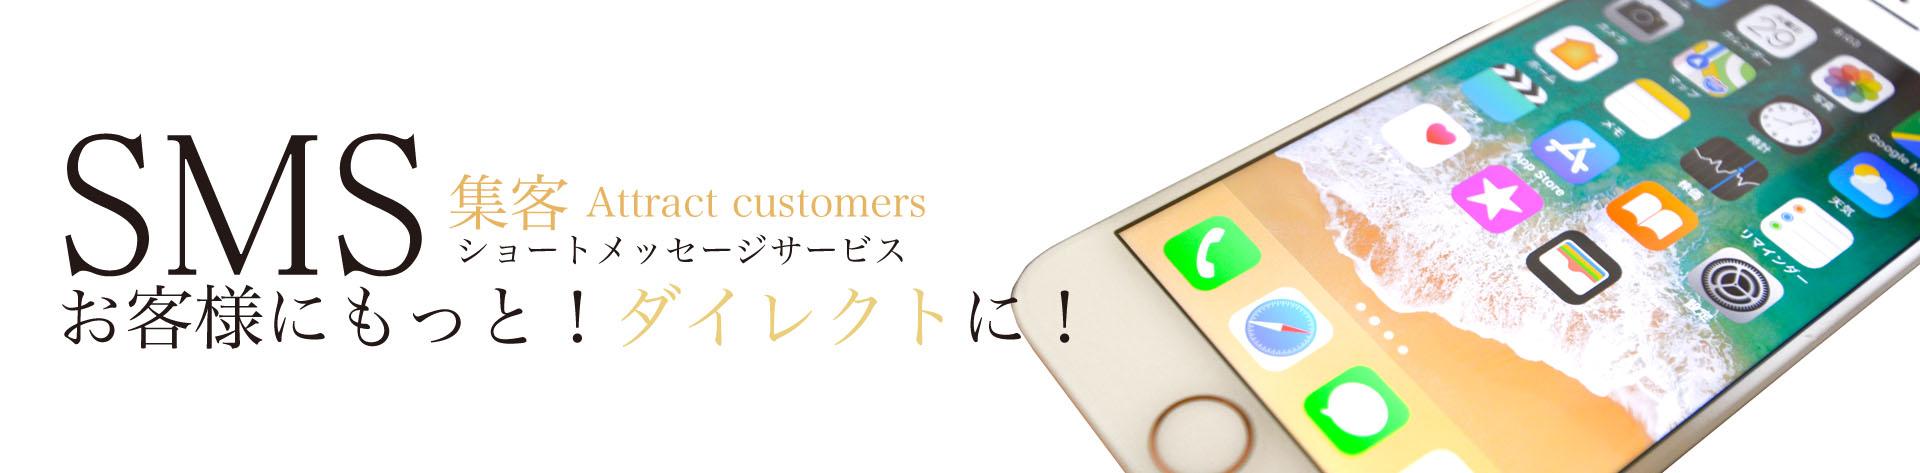 SMSショートメッセージサービス